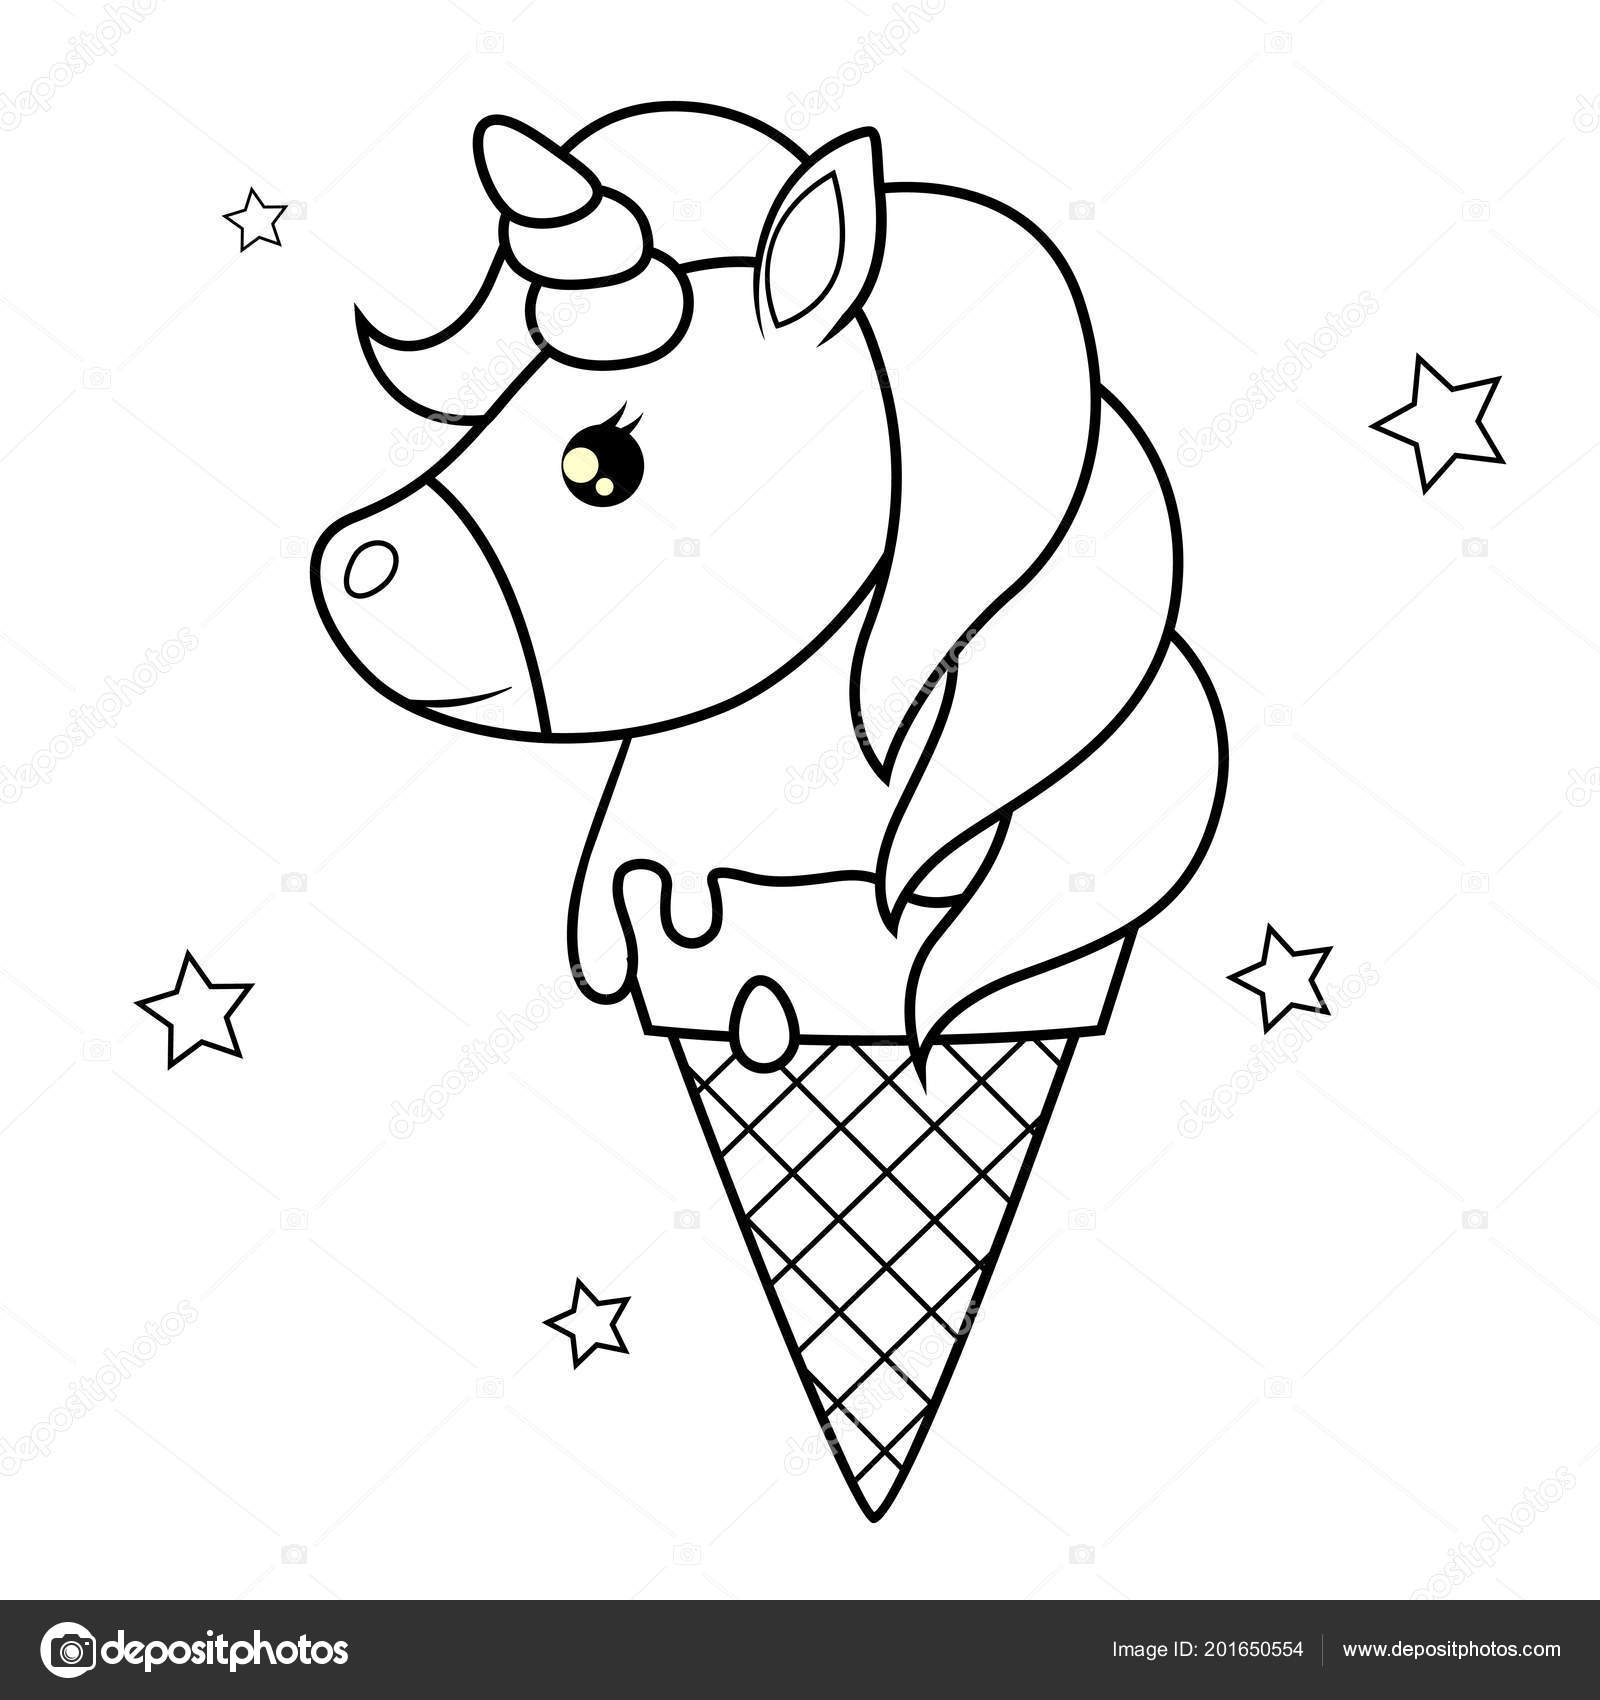 (basılabilir) Dondurma Resmi Boyama